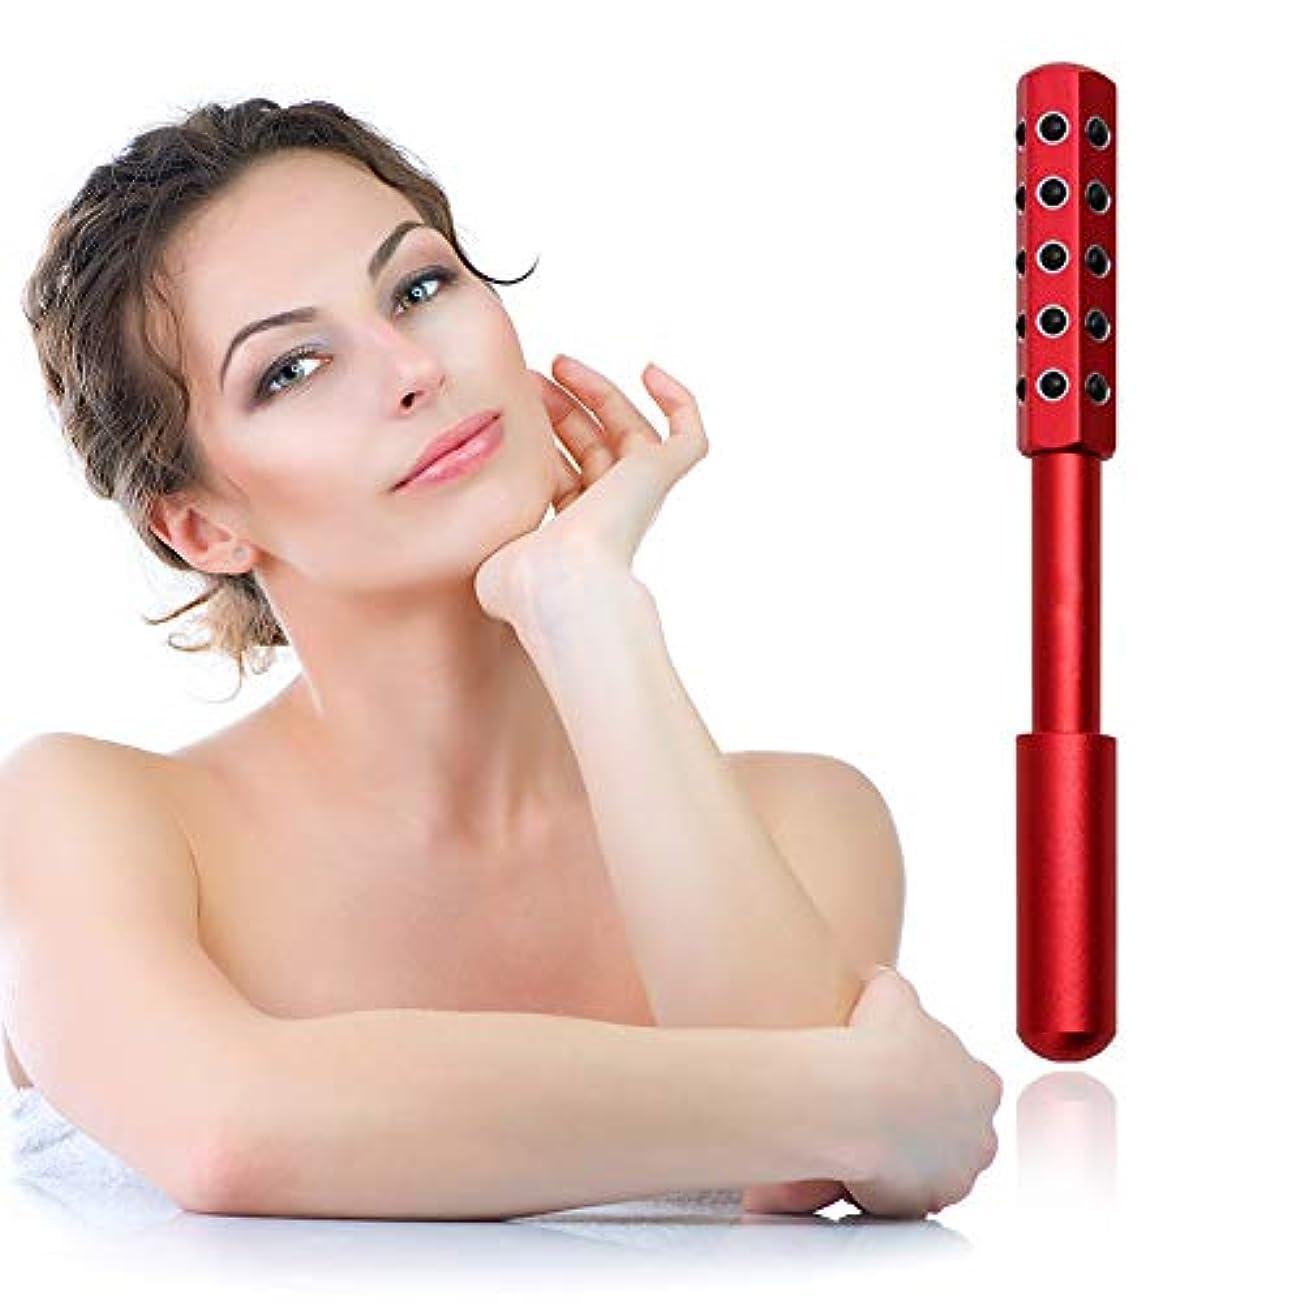 用量命令望ましい顔と体のためのゲルマニウムマッサージ美容ローラーは、血液の循環を促進し、皮膚の引き締め、毒素、皮膚の抗しわをクリア